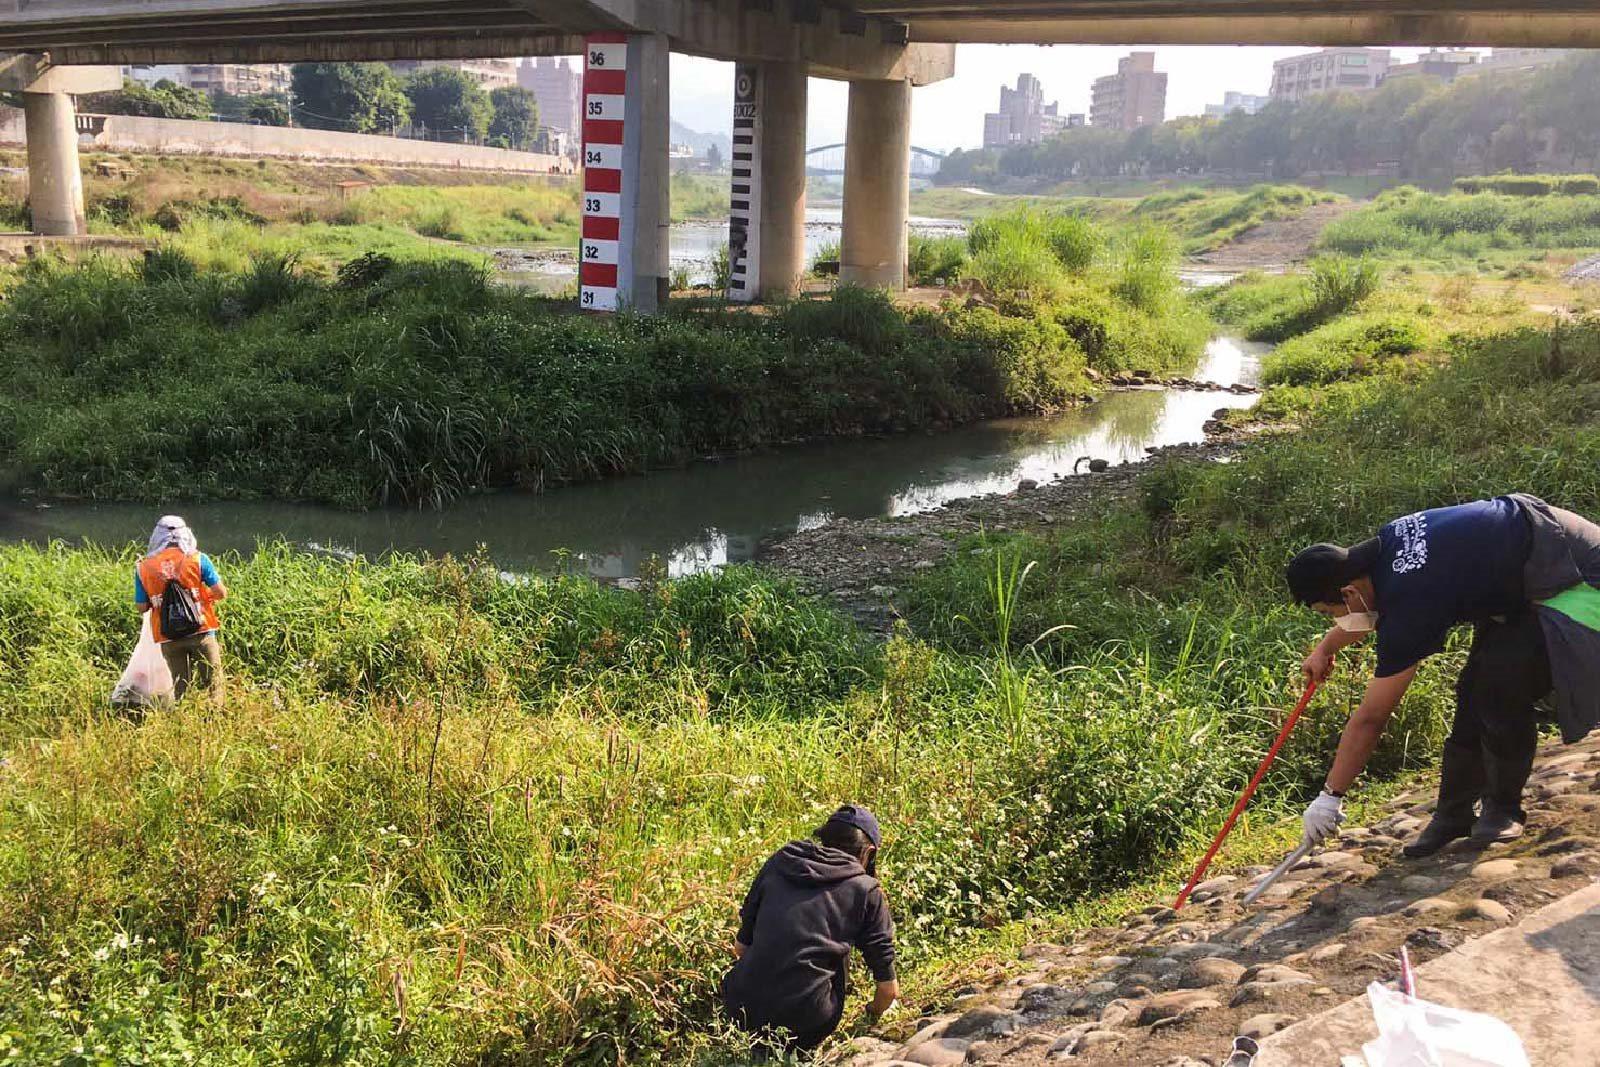 甘樂綠色套裝遊程 - 袋上你的心 親淨三峽溪